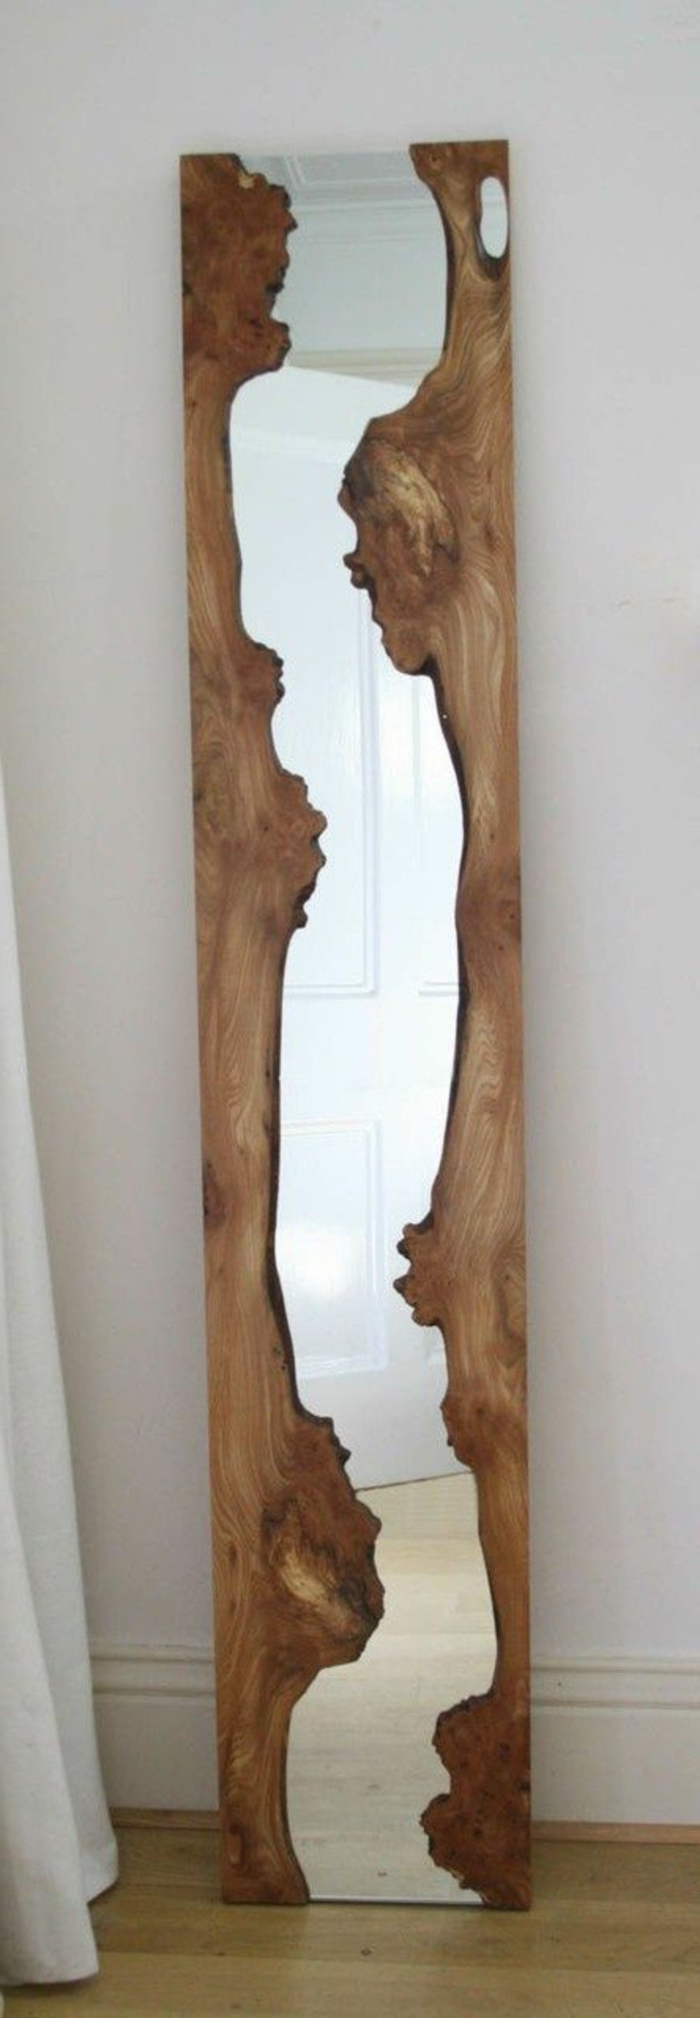 Fabriquer des objets en bois flott fashion designs for Fabriquer deco bois flotte